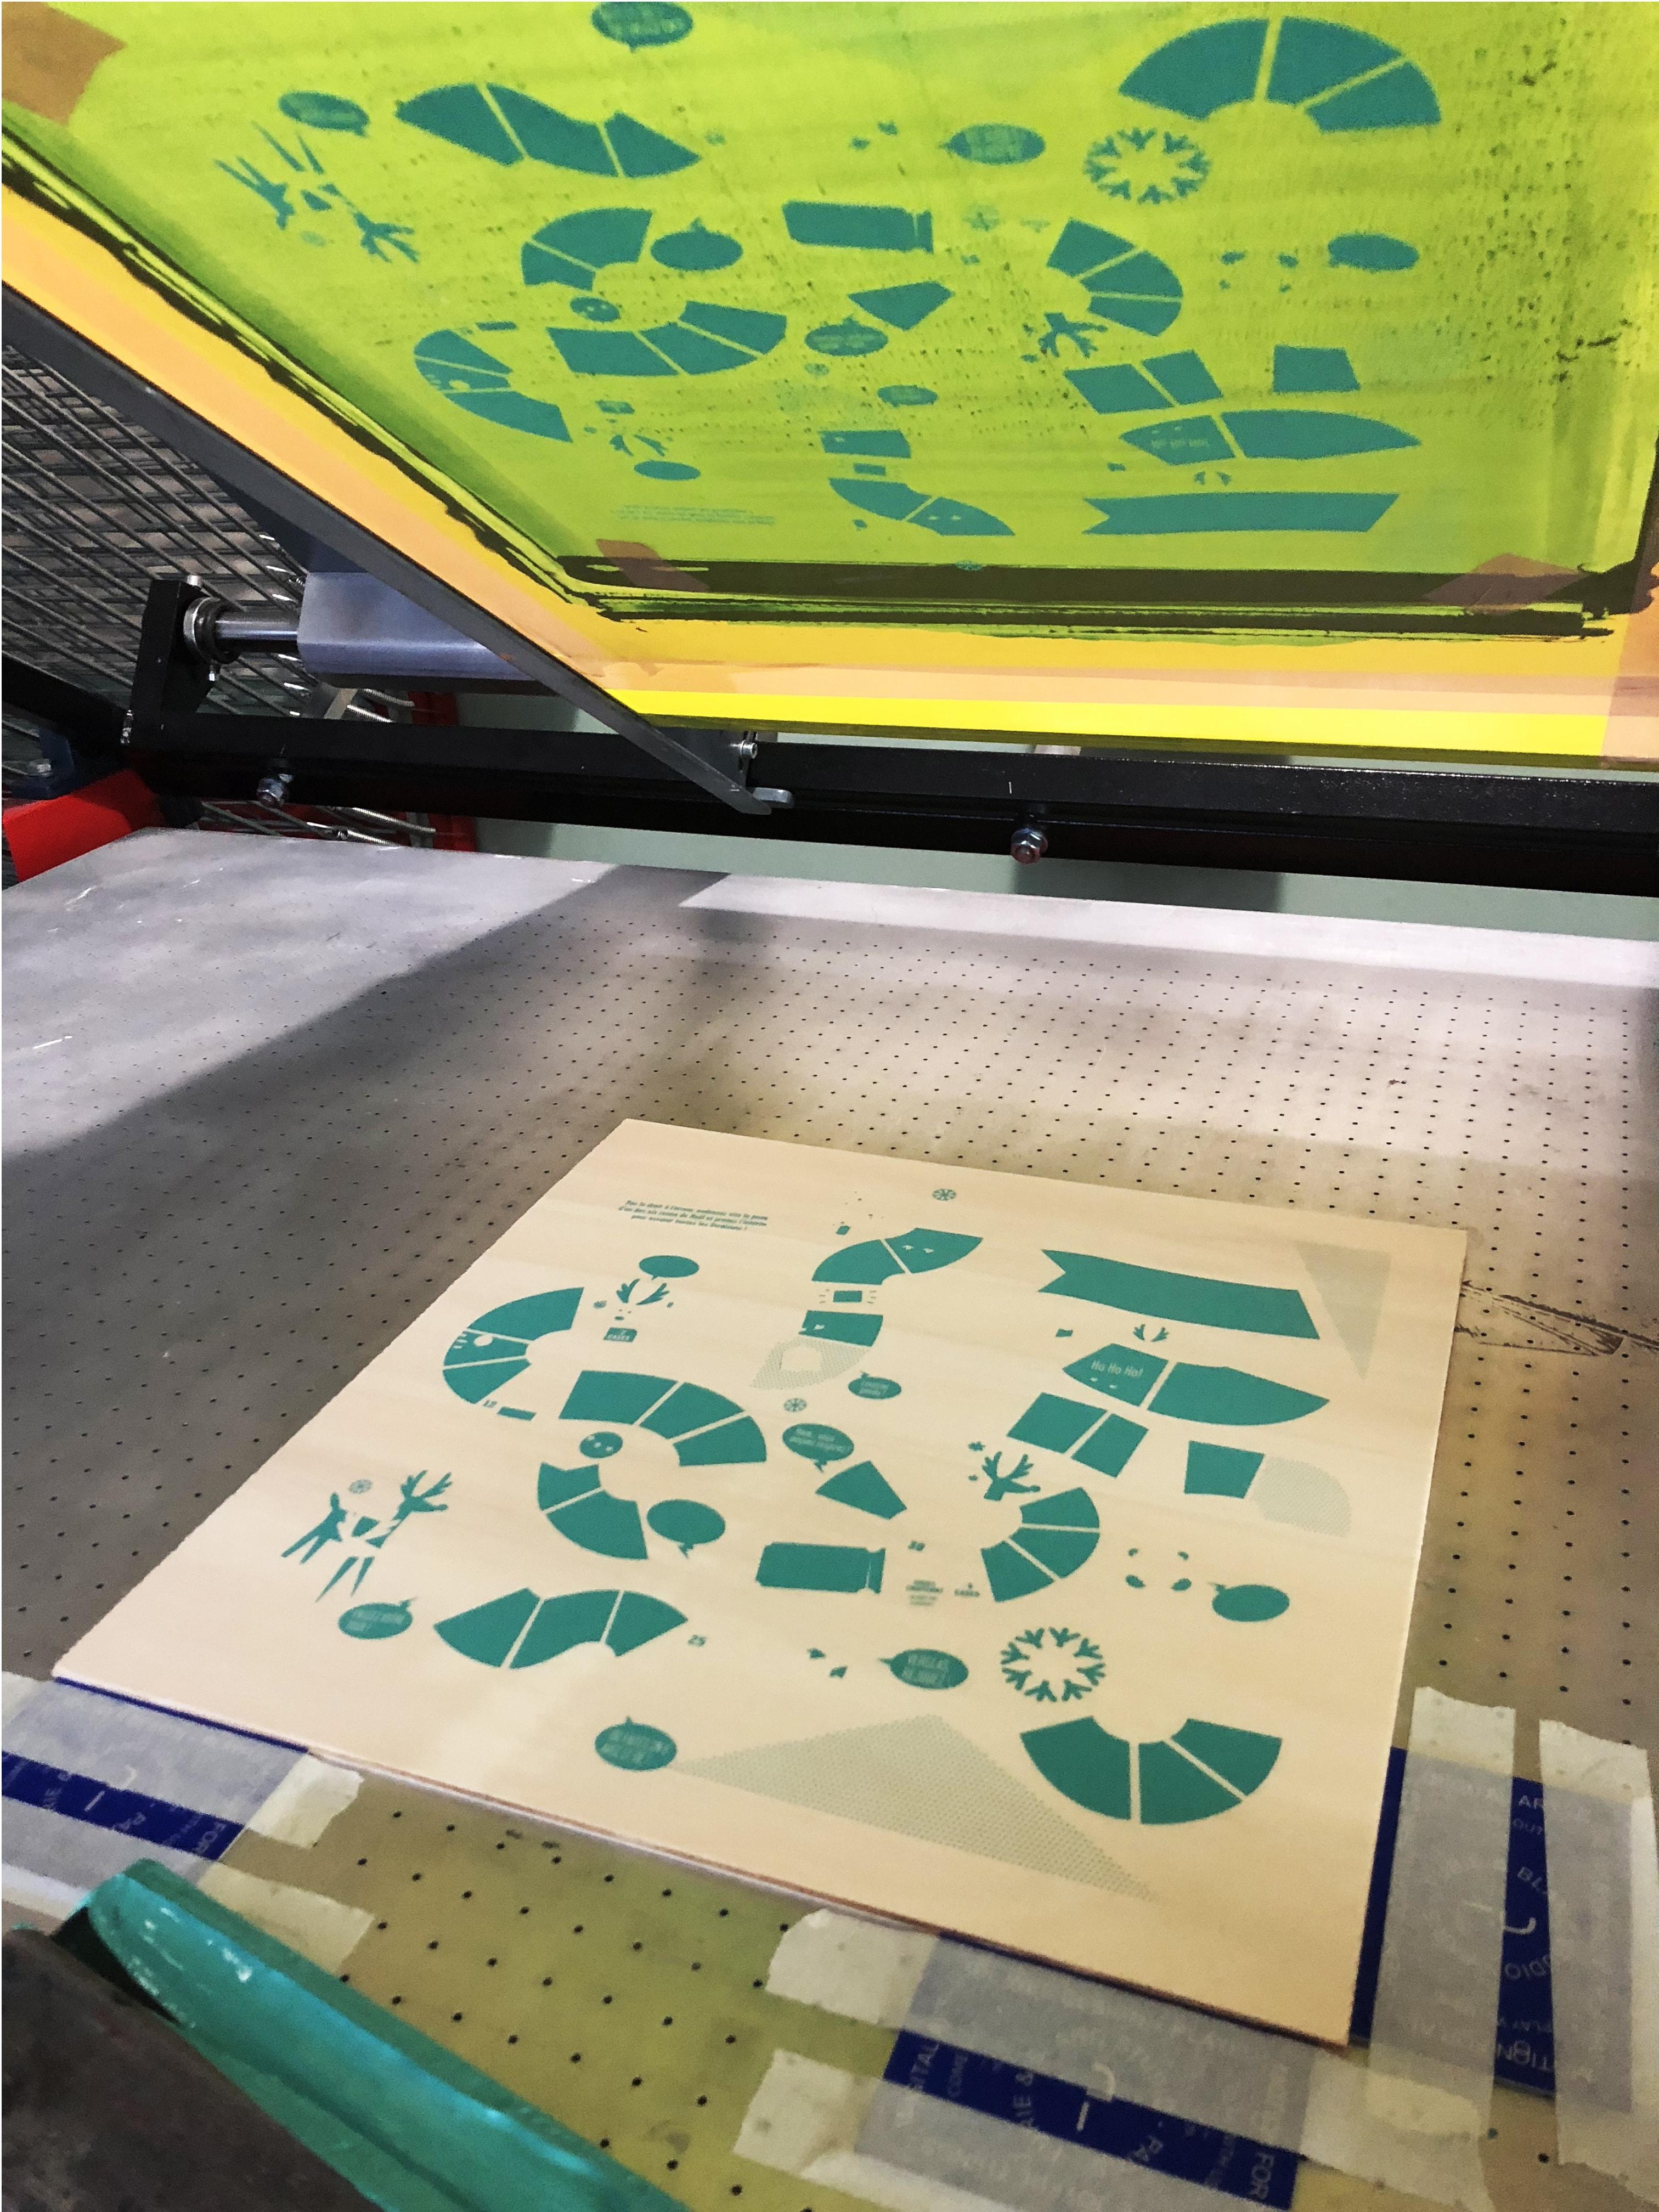 imprimer-sur-bois-jeu-de-loie-serigraphie-atelier-fwells-paris